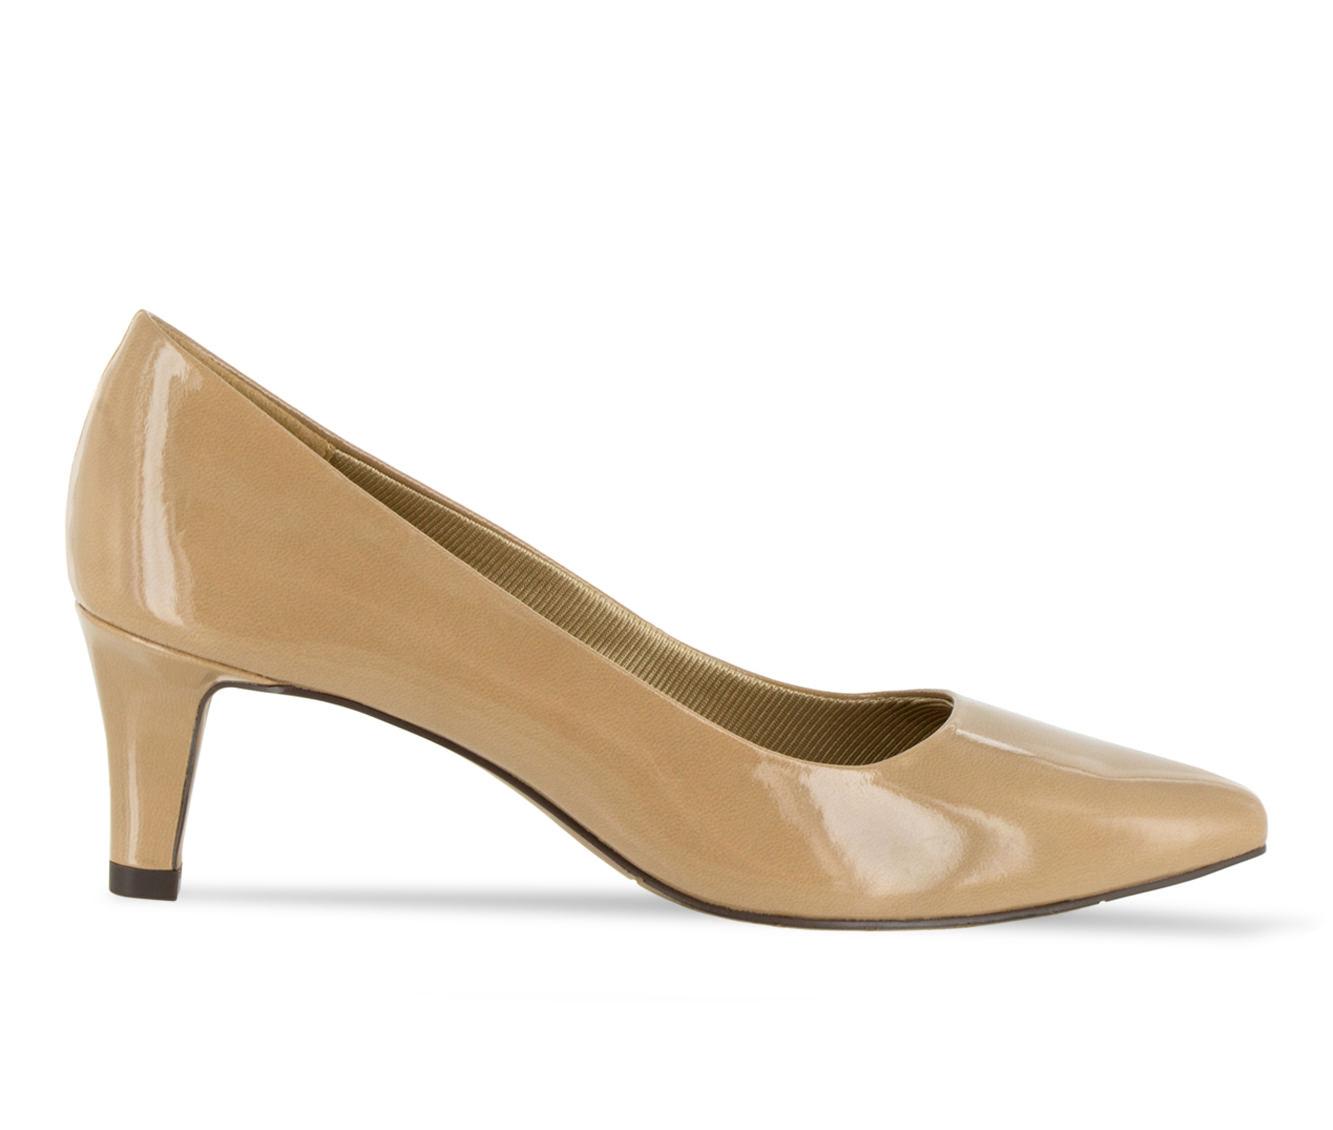 Easy Street Pointe Women's Dress Shoe (Beige Faux Leather)